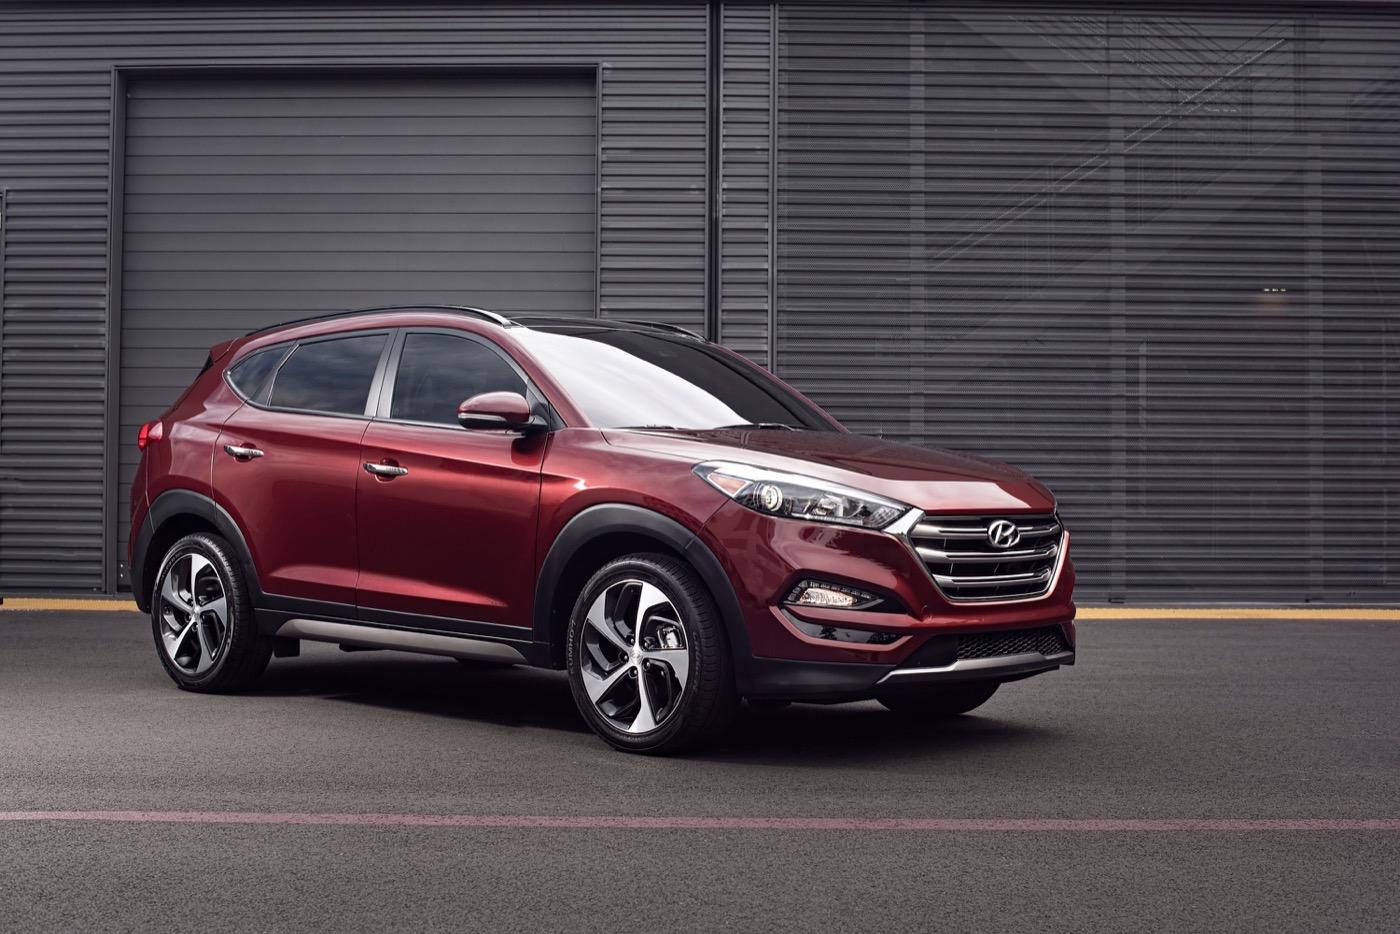 Североамериканские дилеры, недовольные тем, что Hyundai's Lousy Volume Strategy